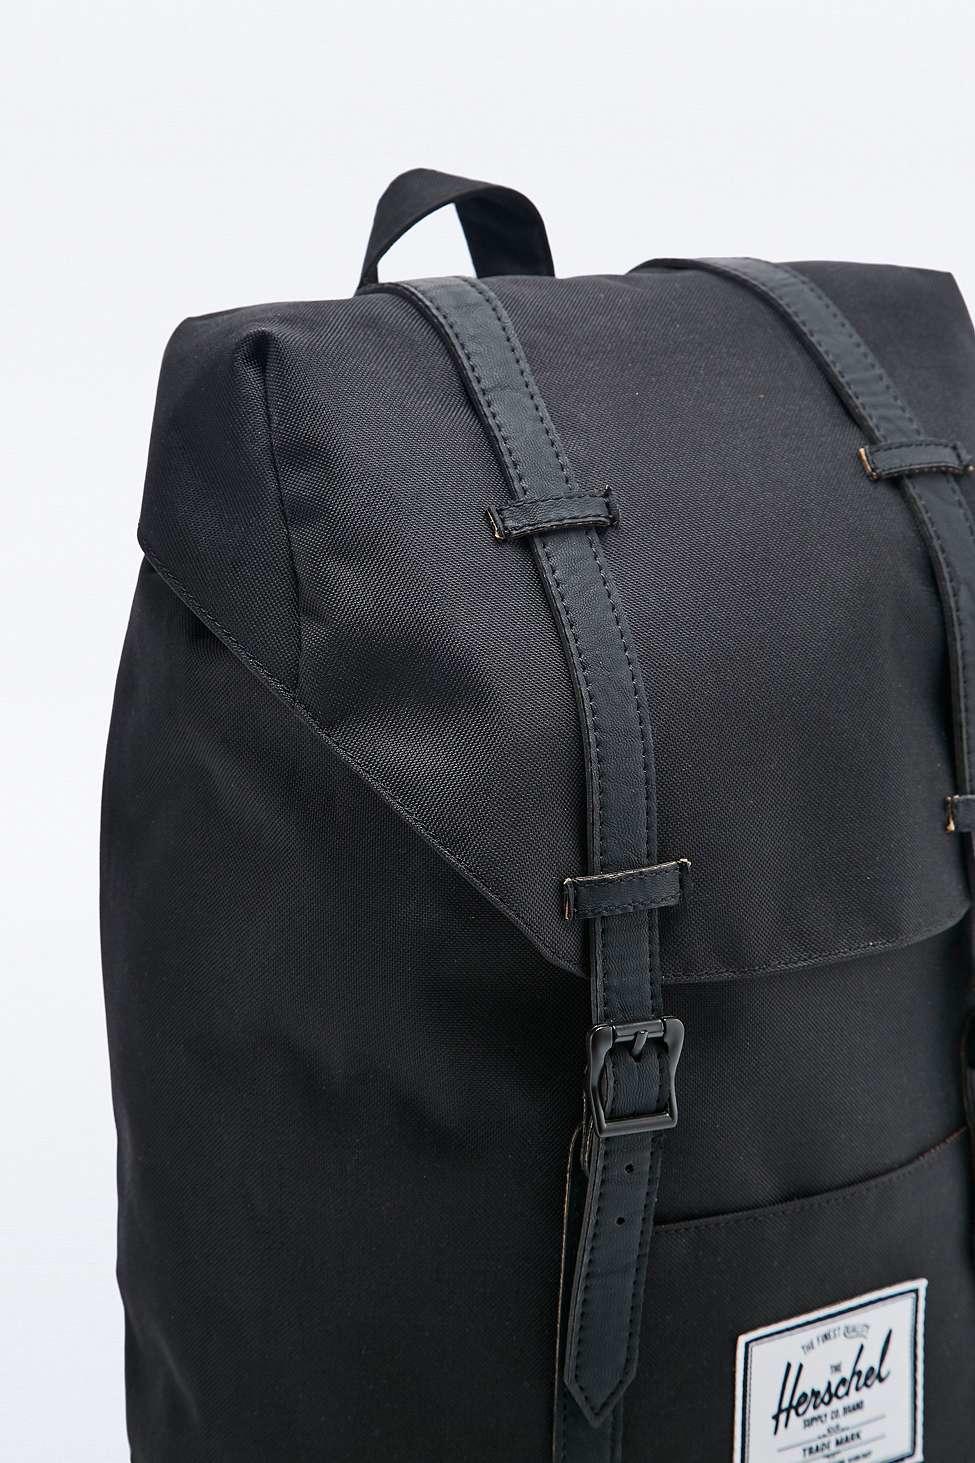 5345122b64e Herschel Supply Co. Retreat Black Backpack in Black - Lyst